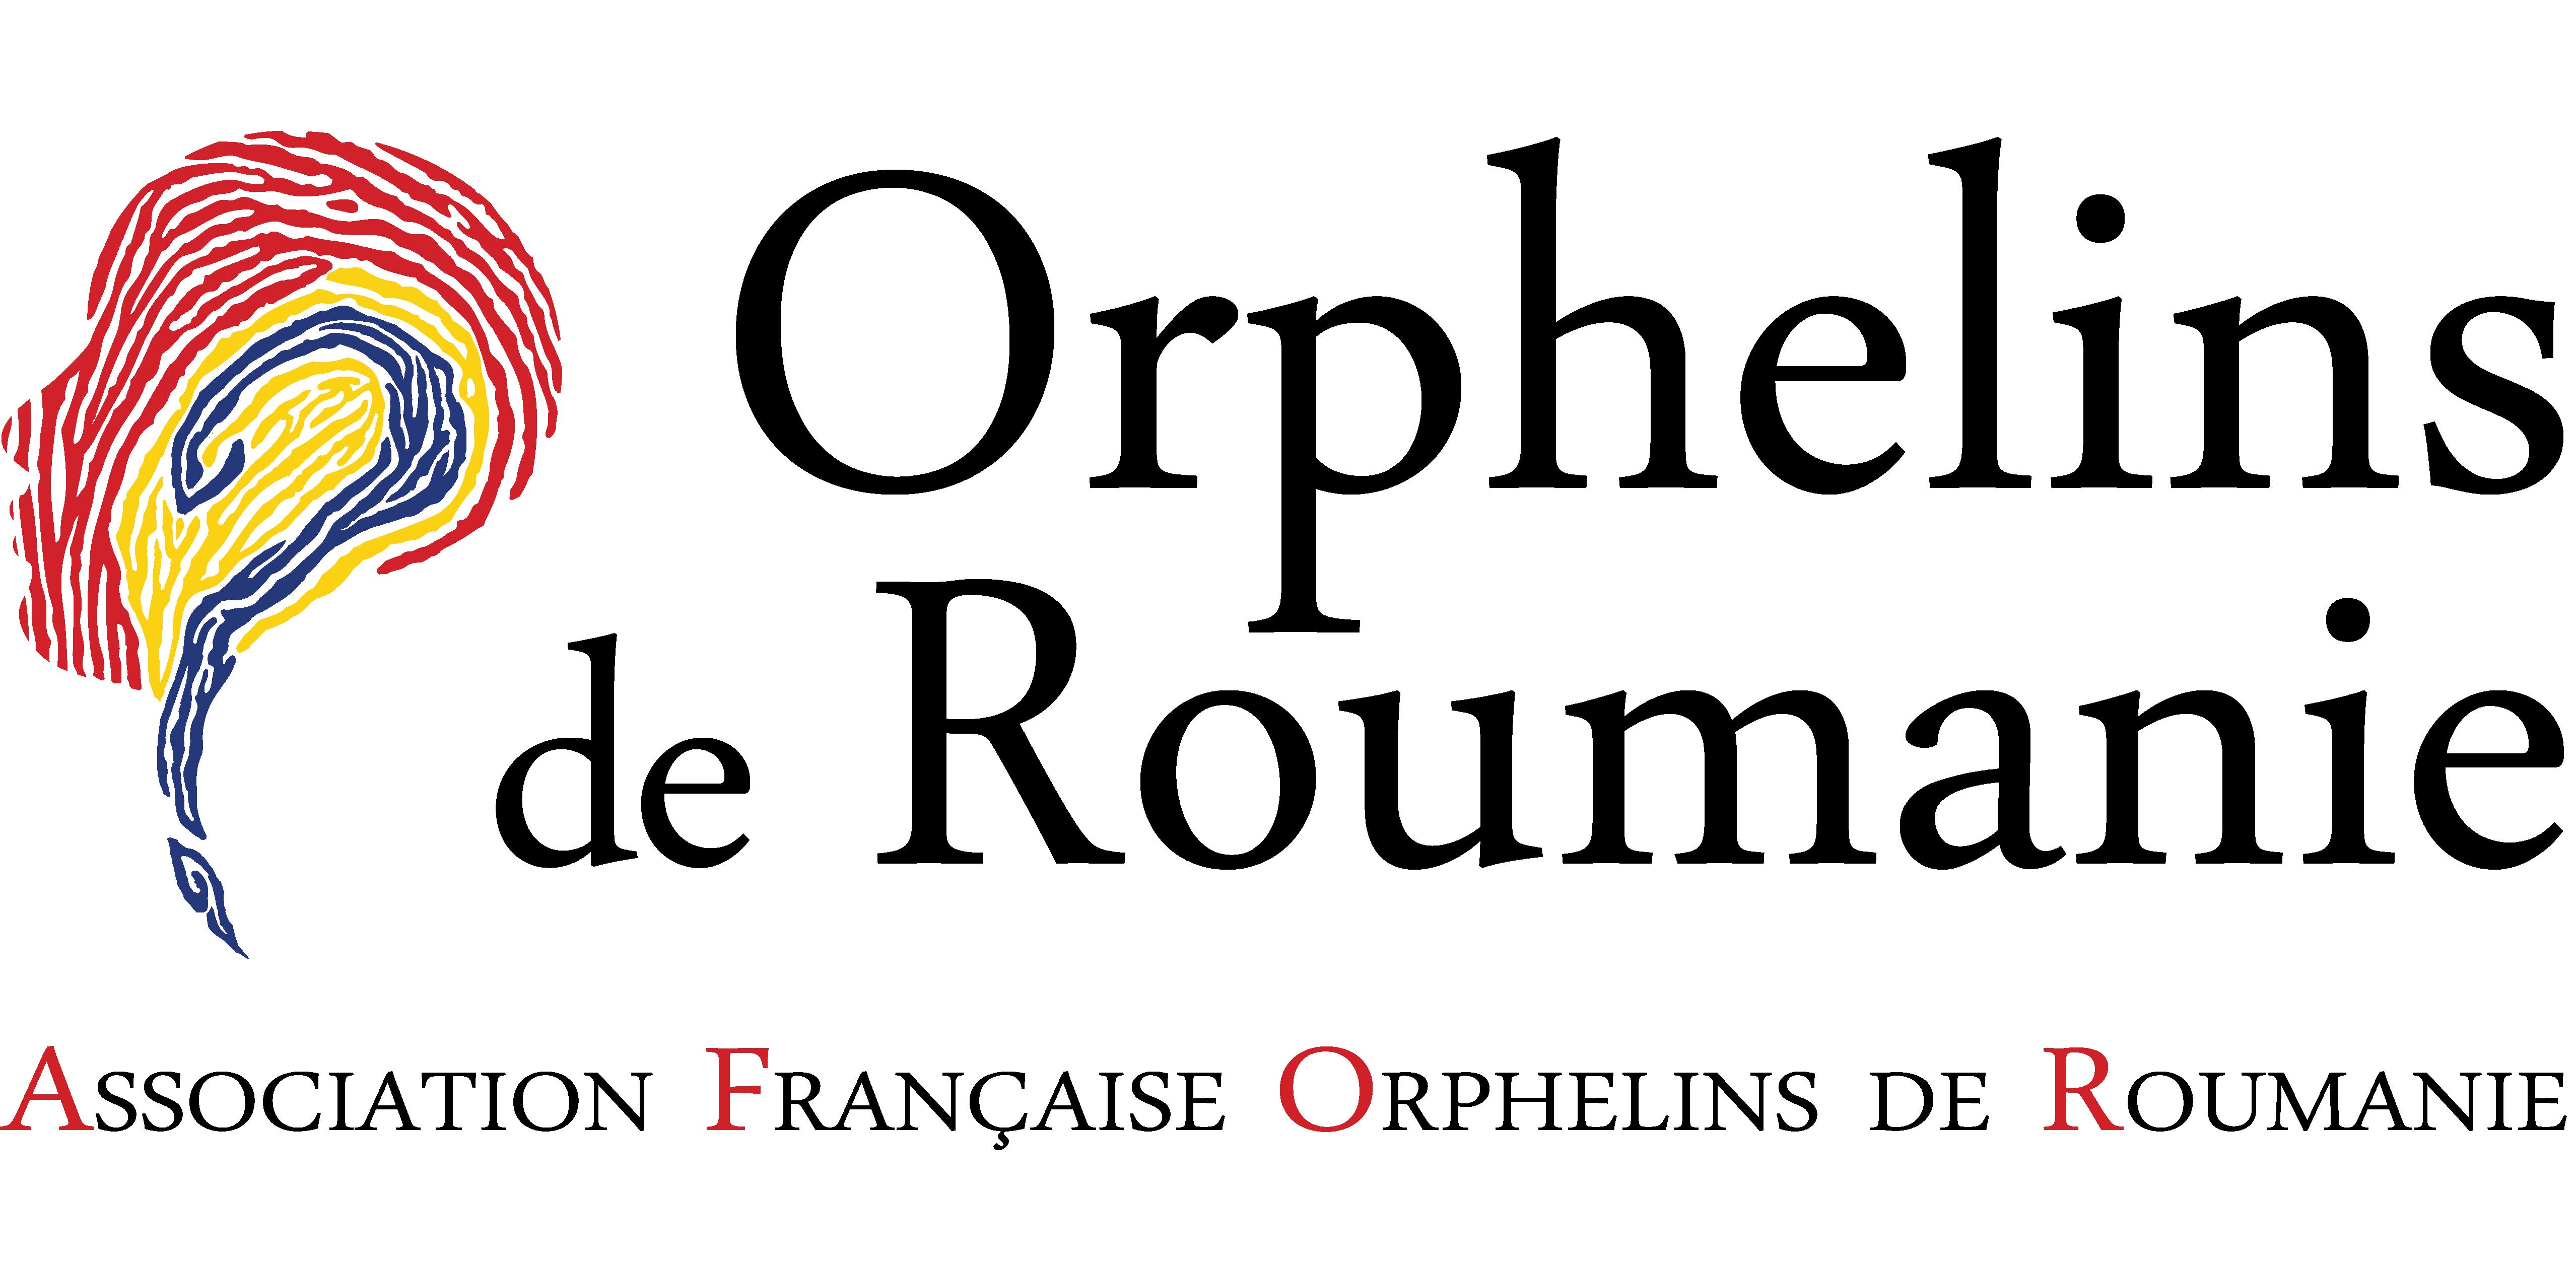 Association Française Orphelins de Roumanie (A.F.O.R.)